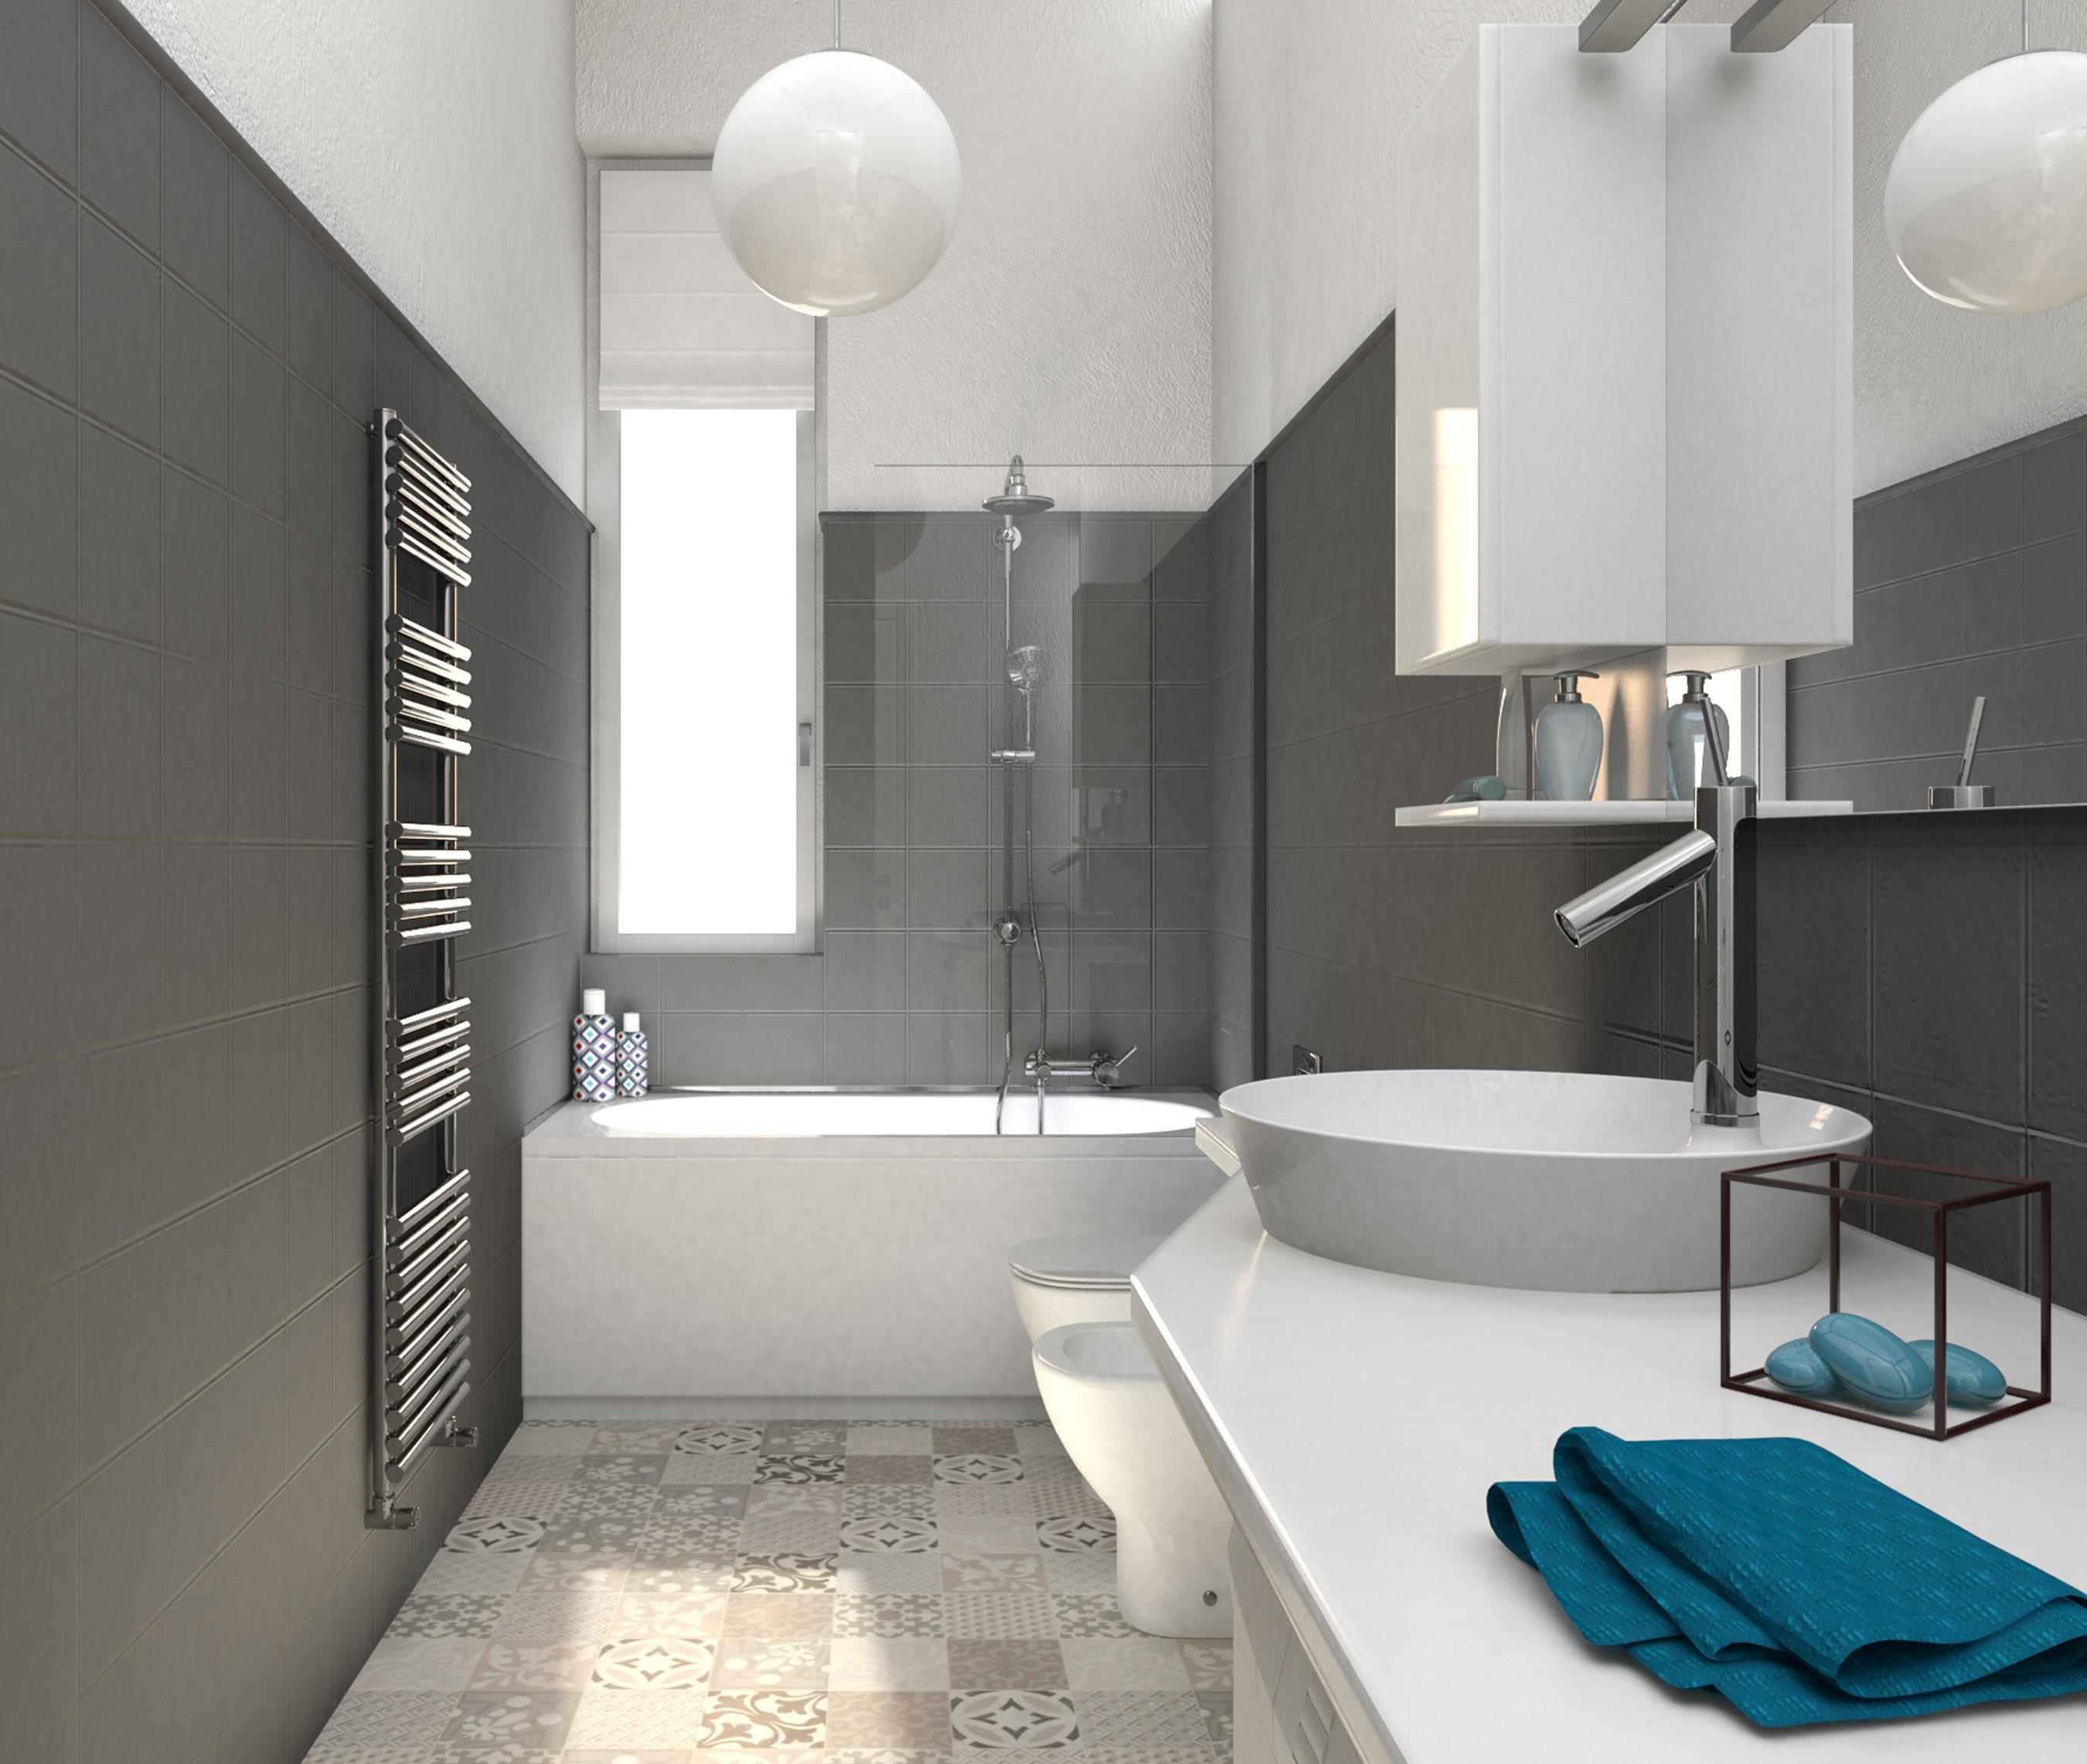 Rinnovare Pareti Di Casa relooking: un progetto da copiare per rinnovare il bagno